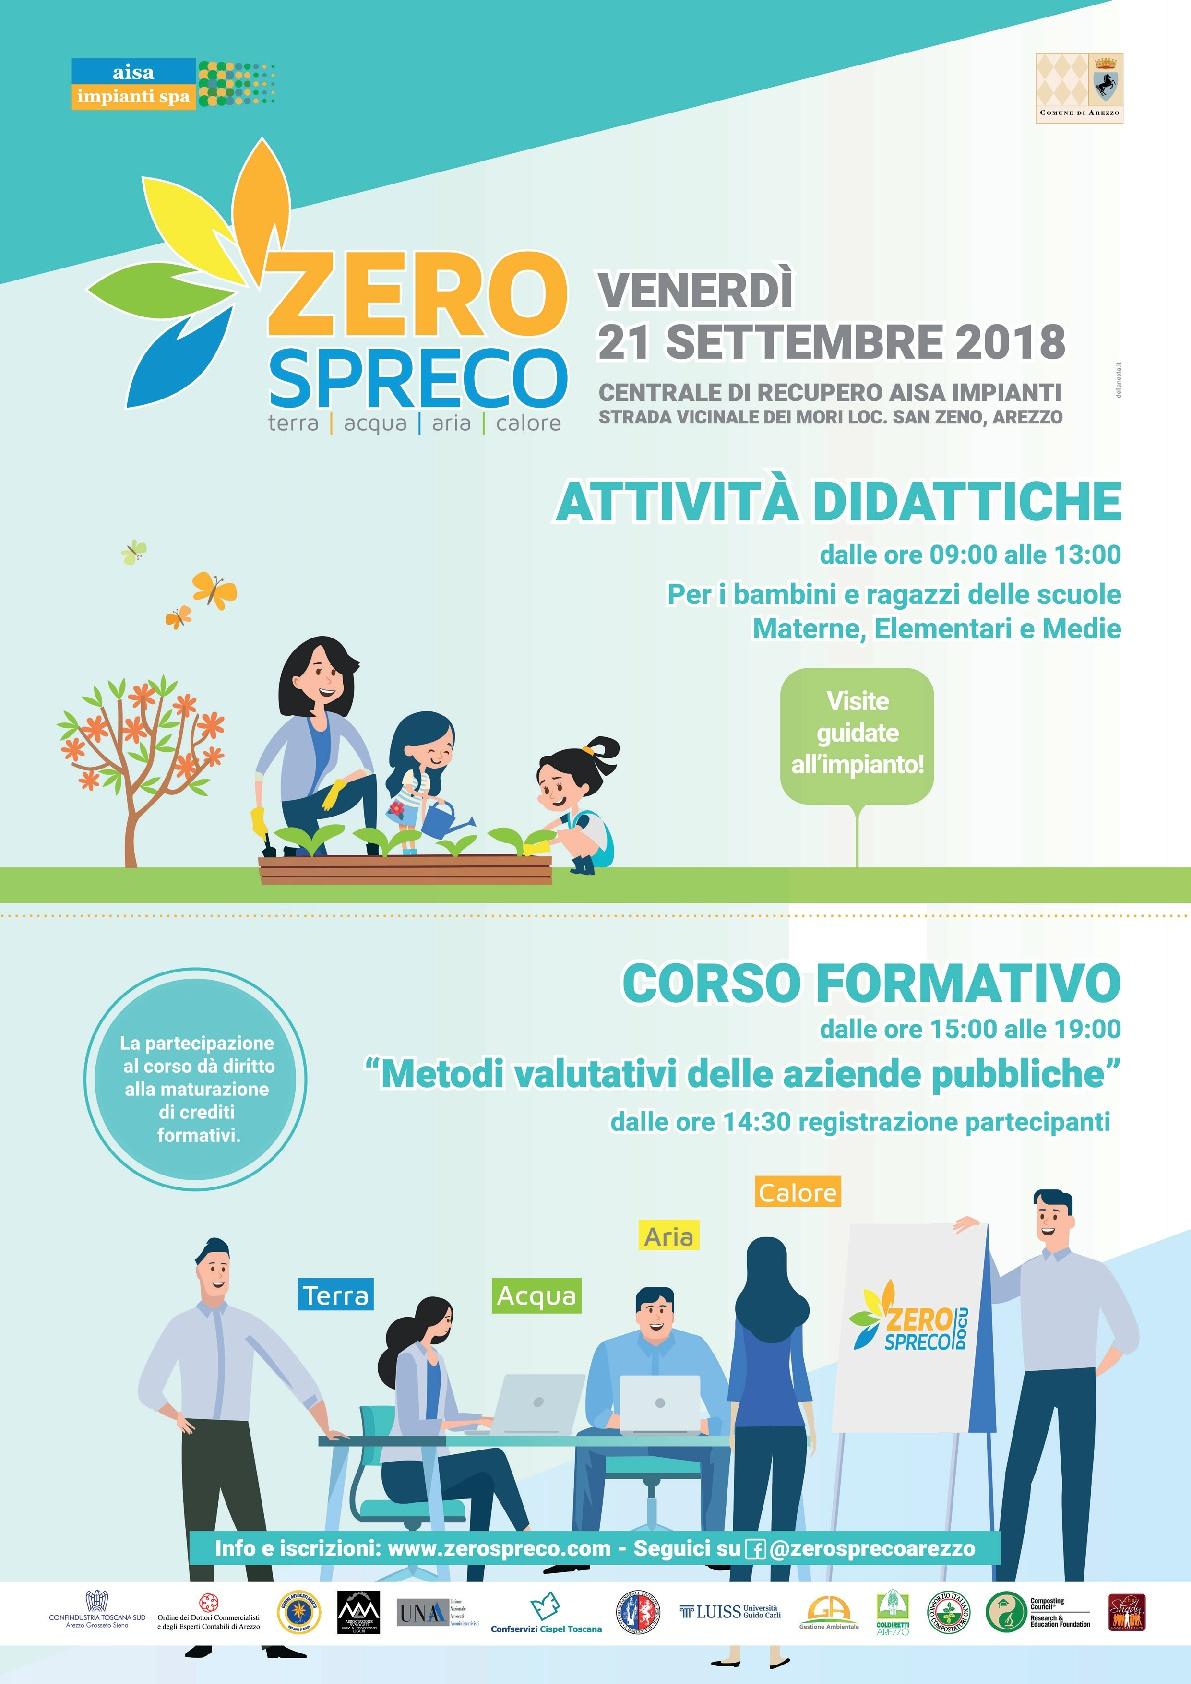 Aisa Impianti: Attività didattiche e corso formativo